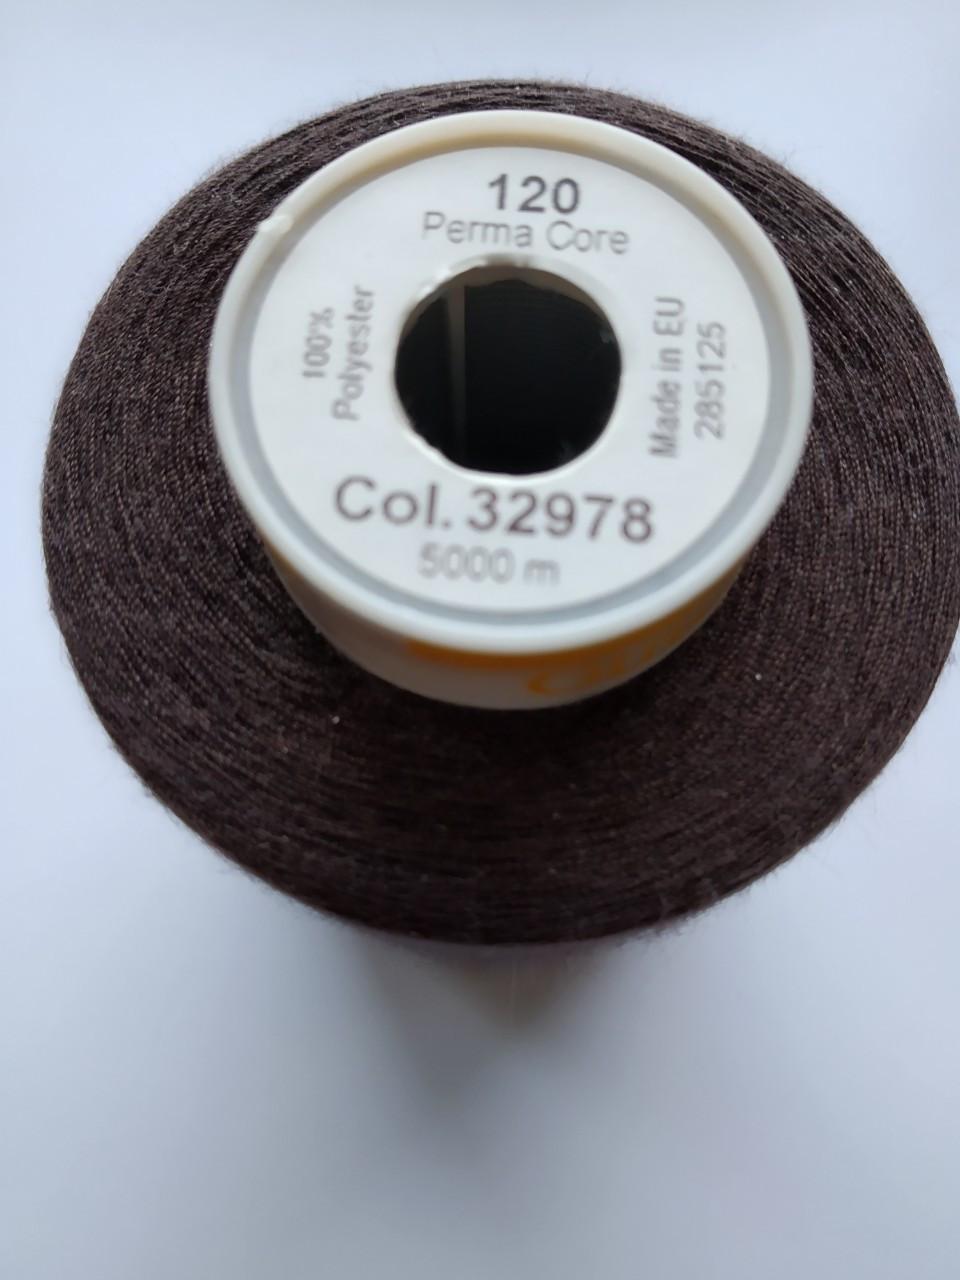 Нитки армовані  Gutermann Perma Core 120 / 5000м кол32978